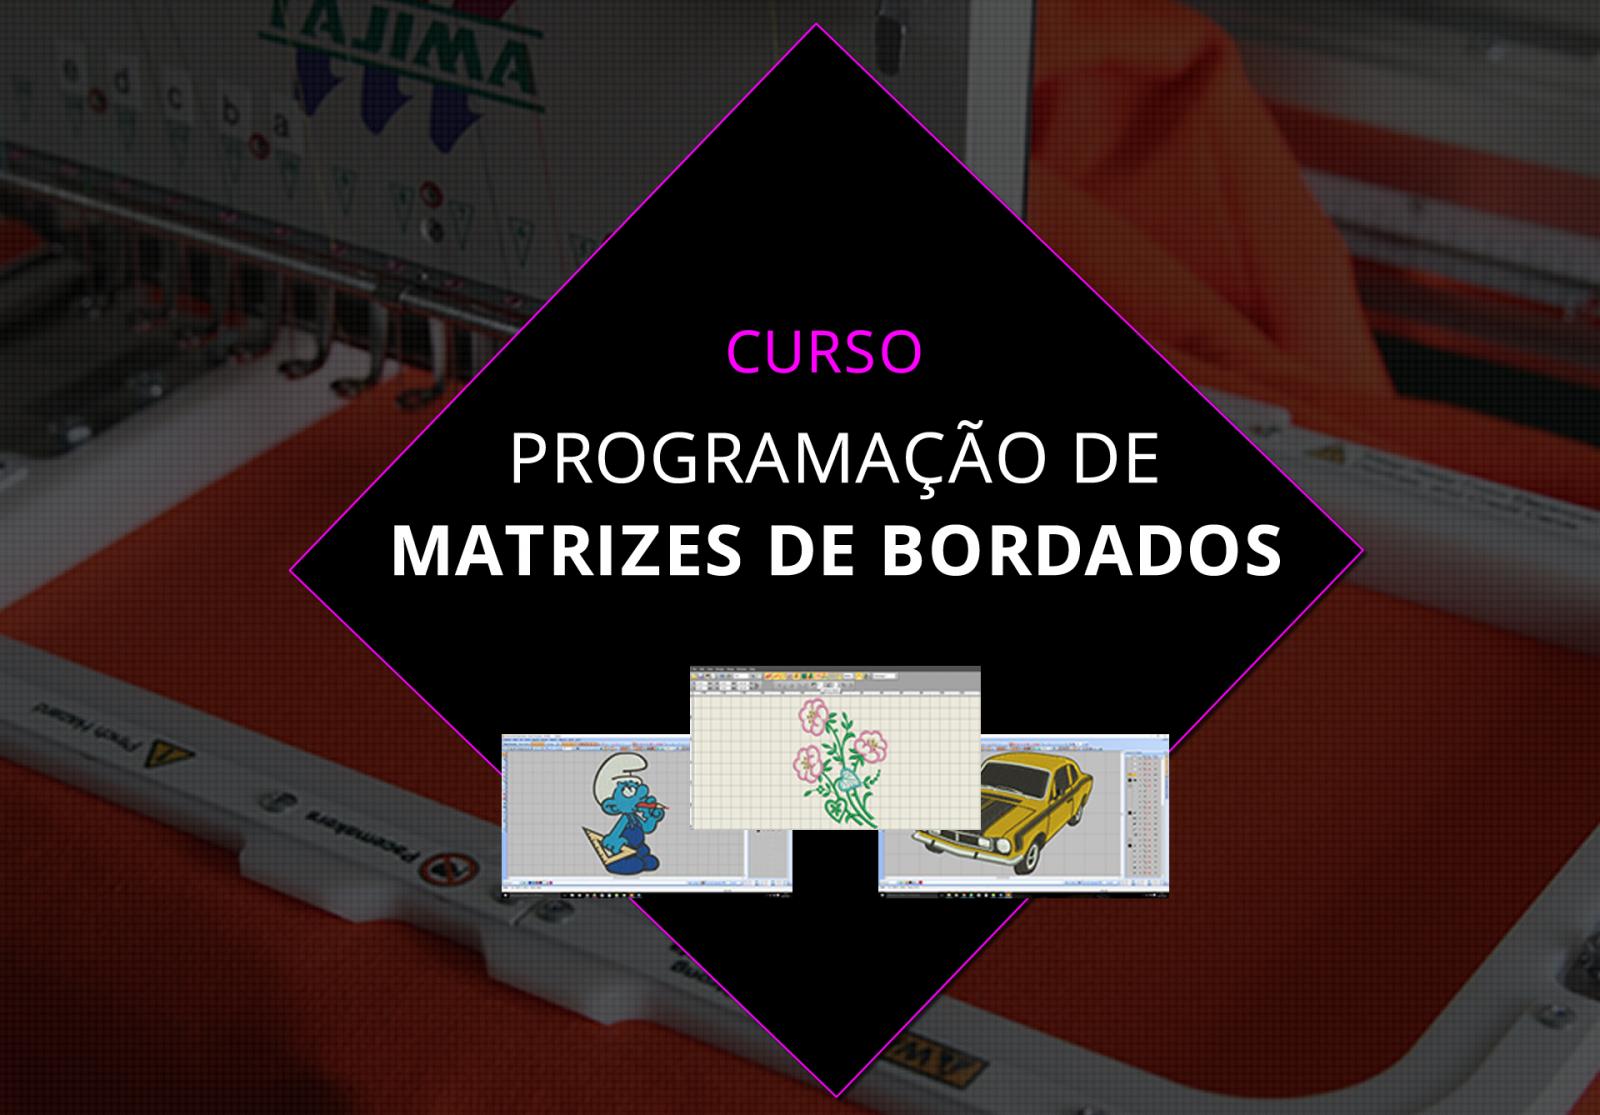 Curso Programação de Matrizes de Bordados - Aprenda Bordar c7644c6ec2c